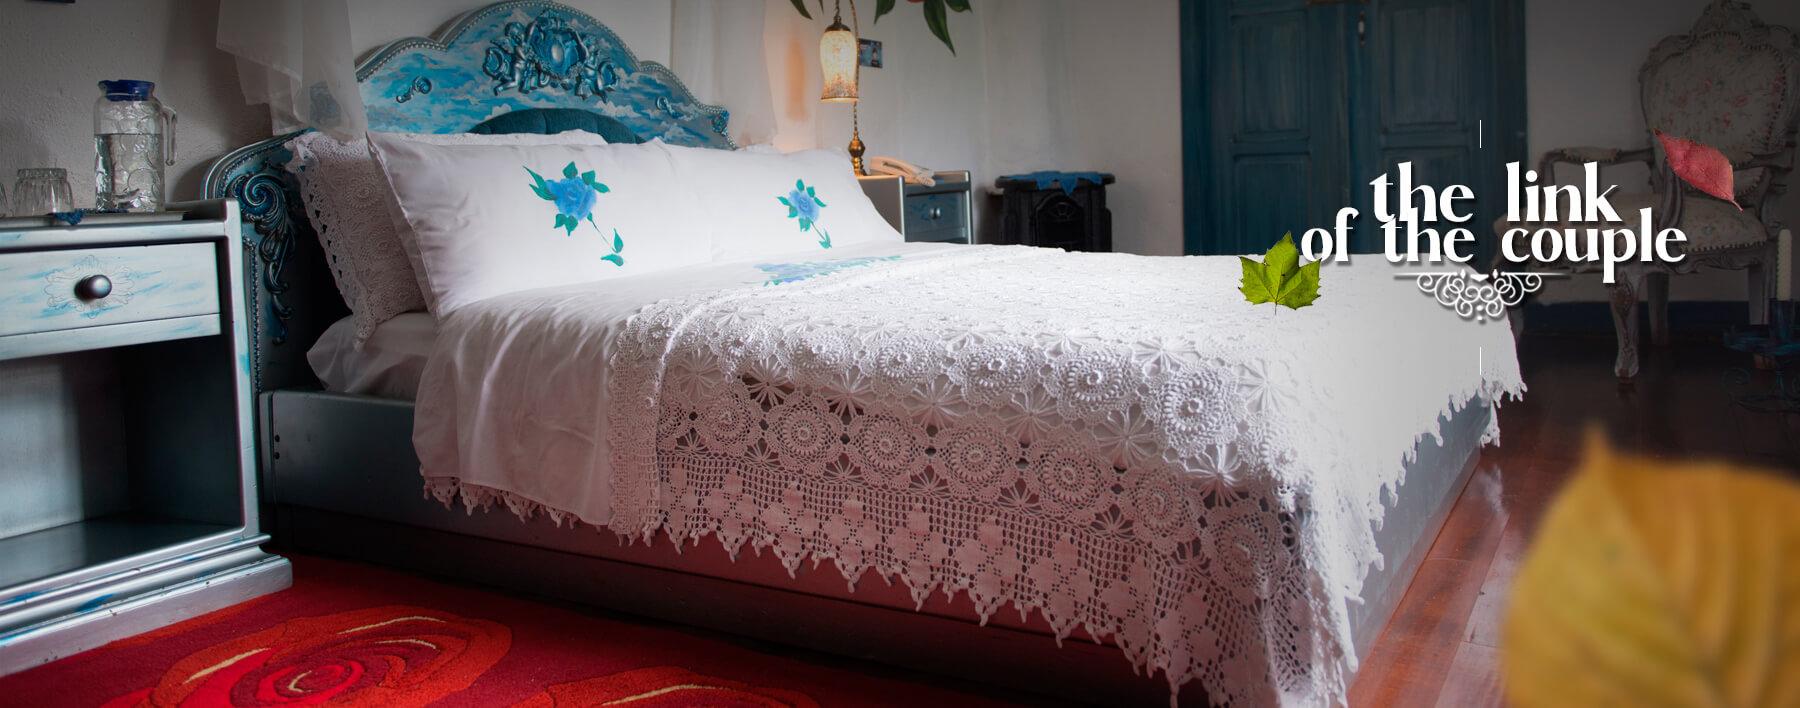 hotel-boutique-casa-de-hacienda-su-merced-habitaciones-banner-ingles